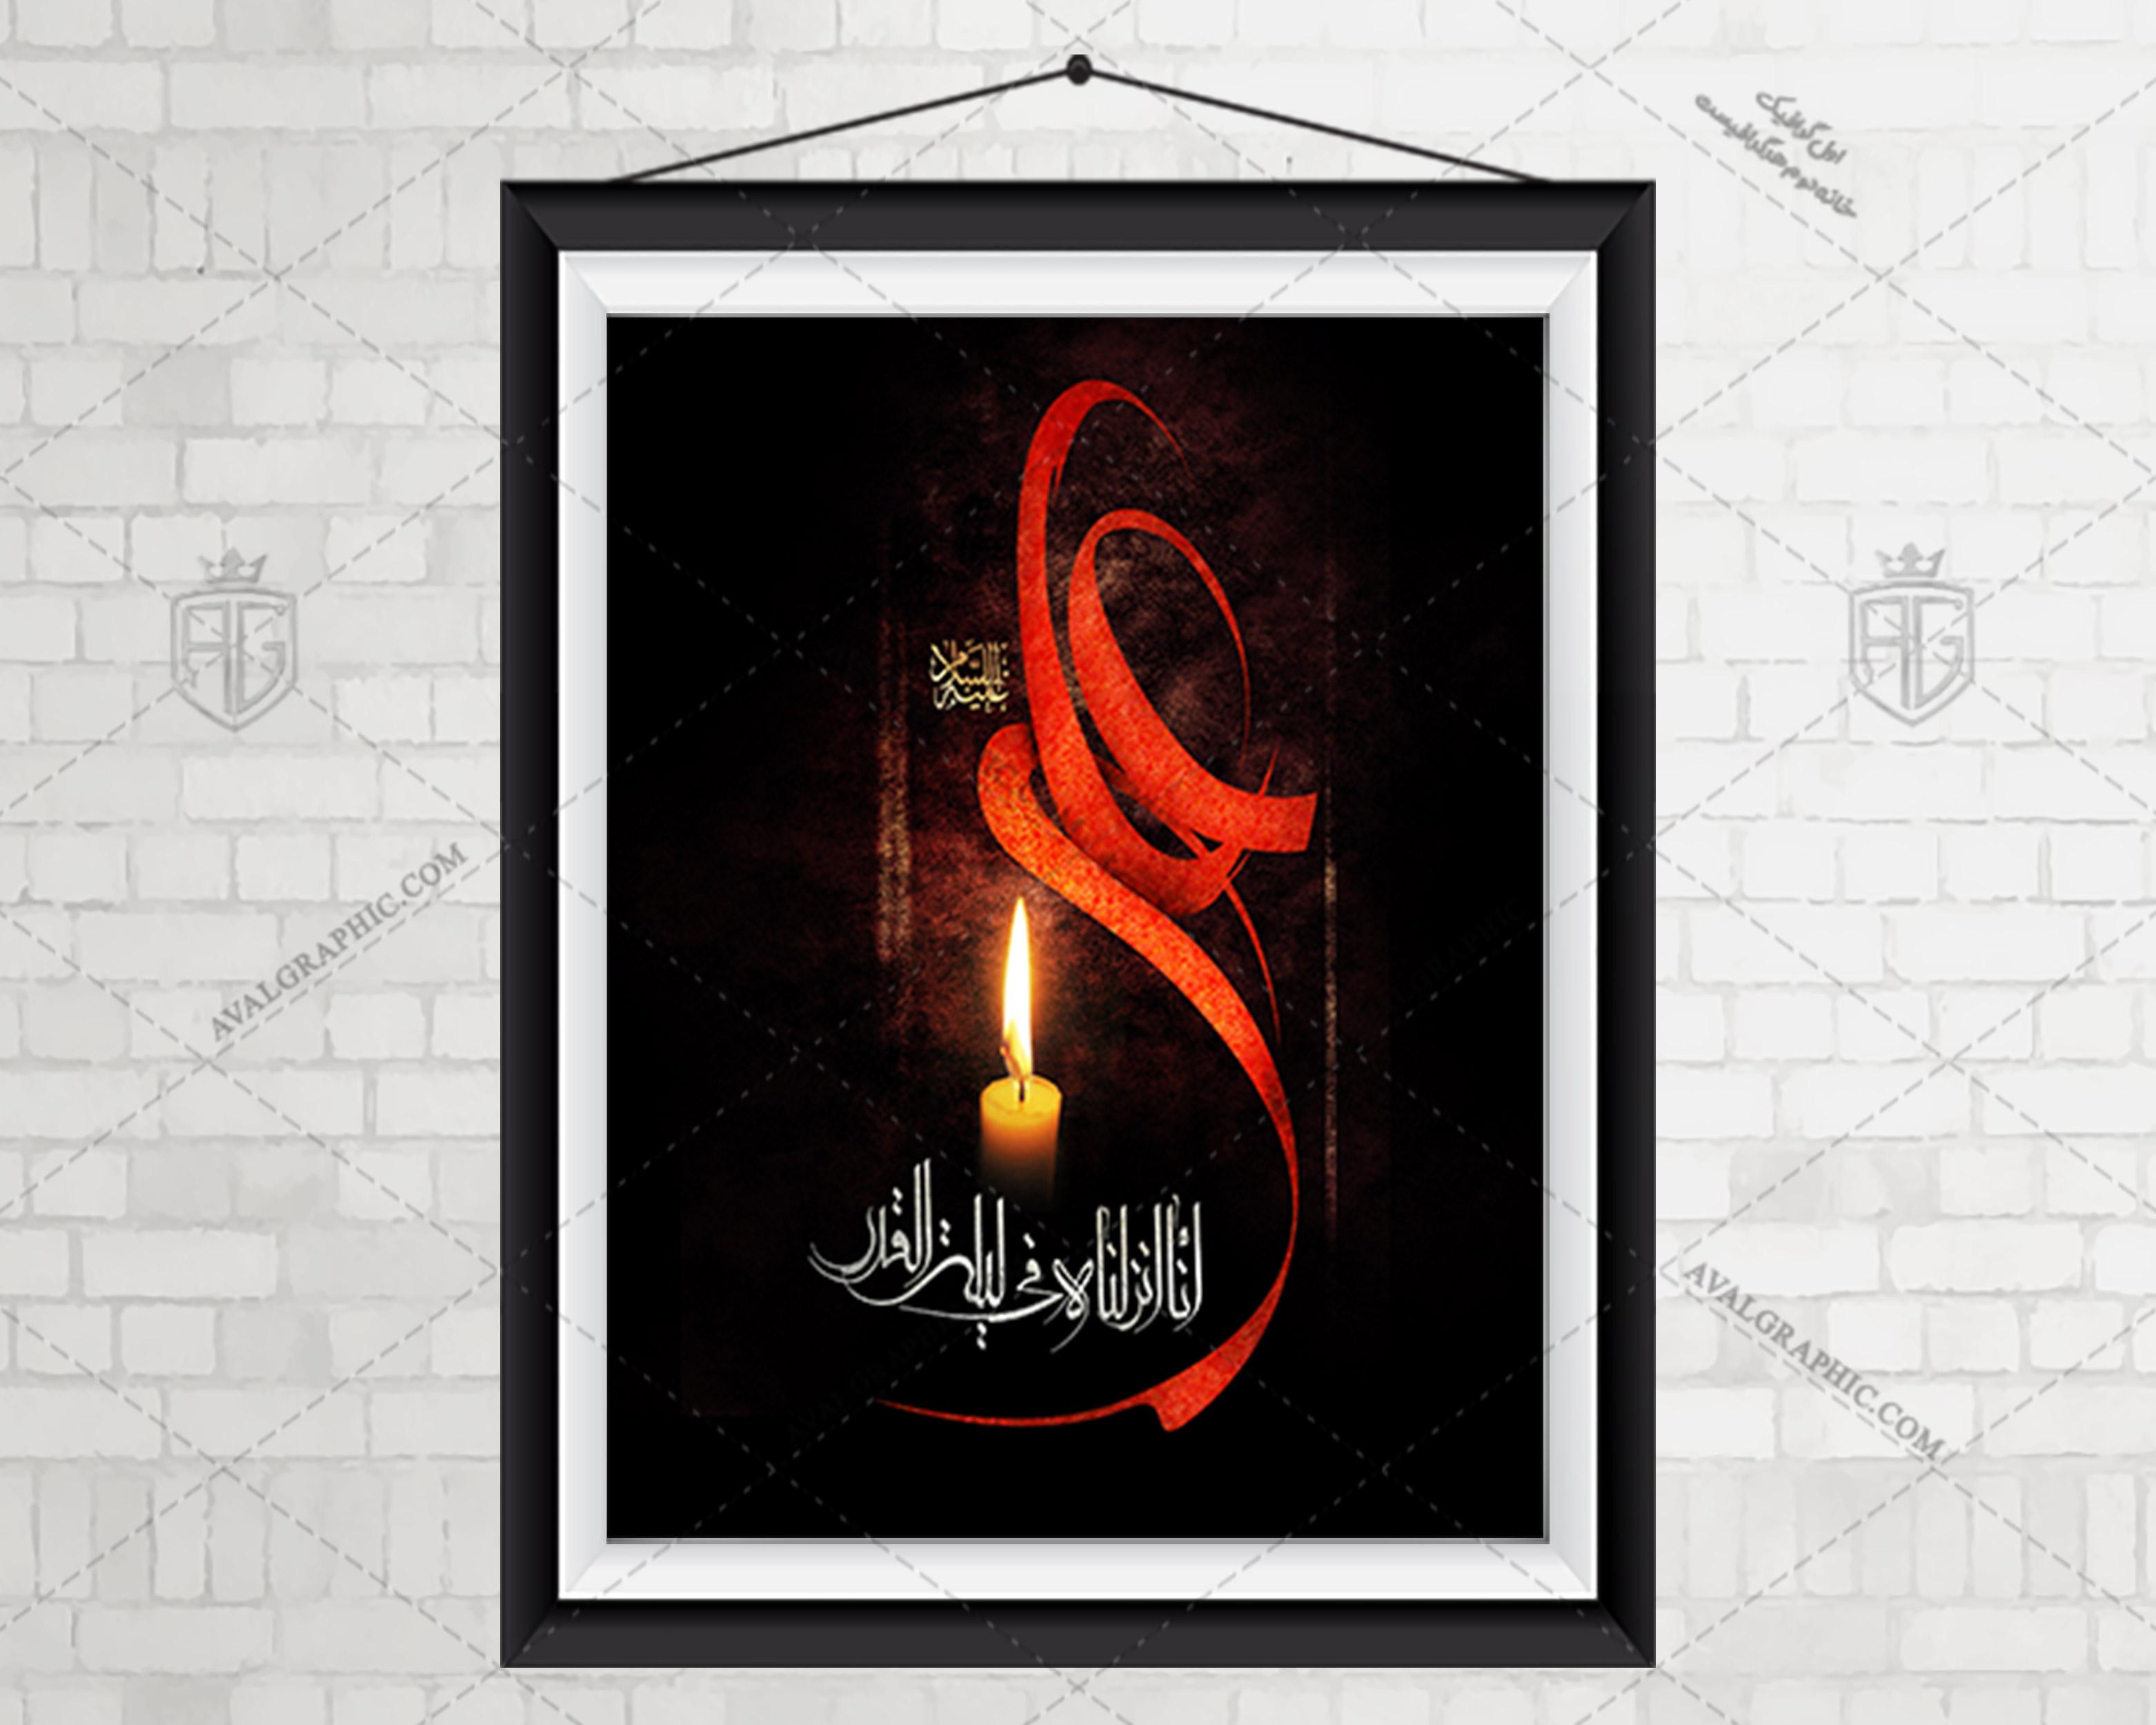 تایپوگرافی لایه باز امام علی